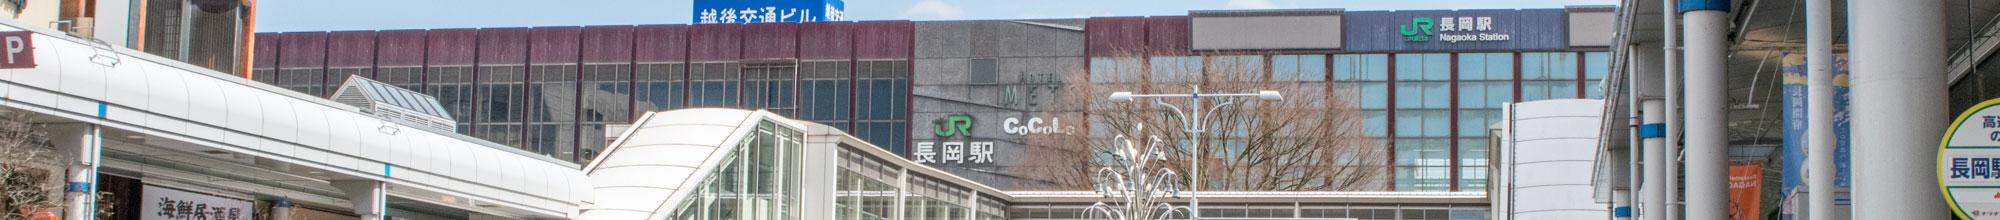 長岡駅 - 長岡市を中心に建設・土木・建築資材をお届けします